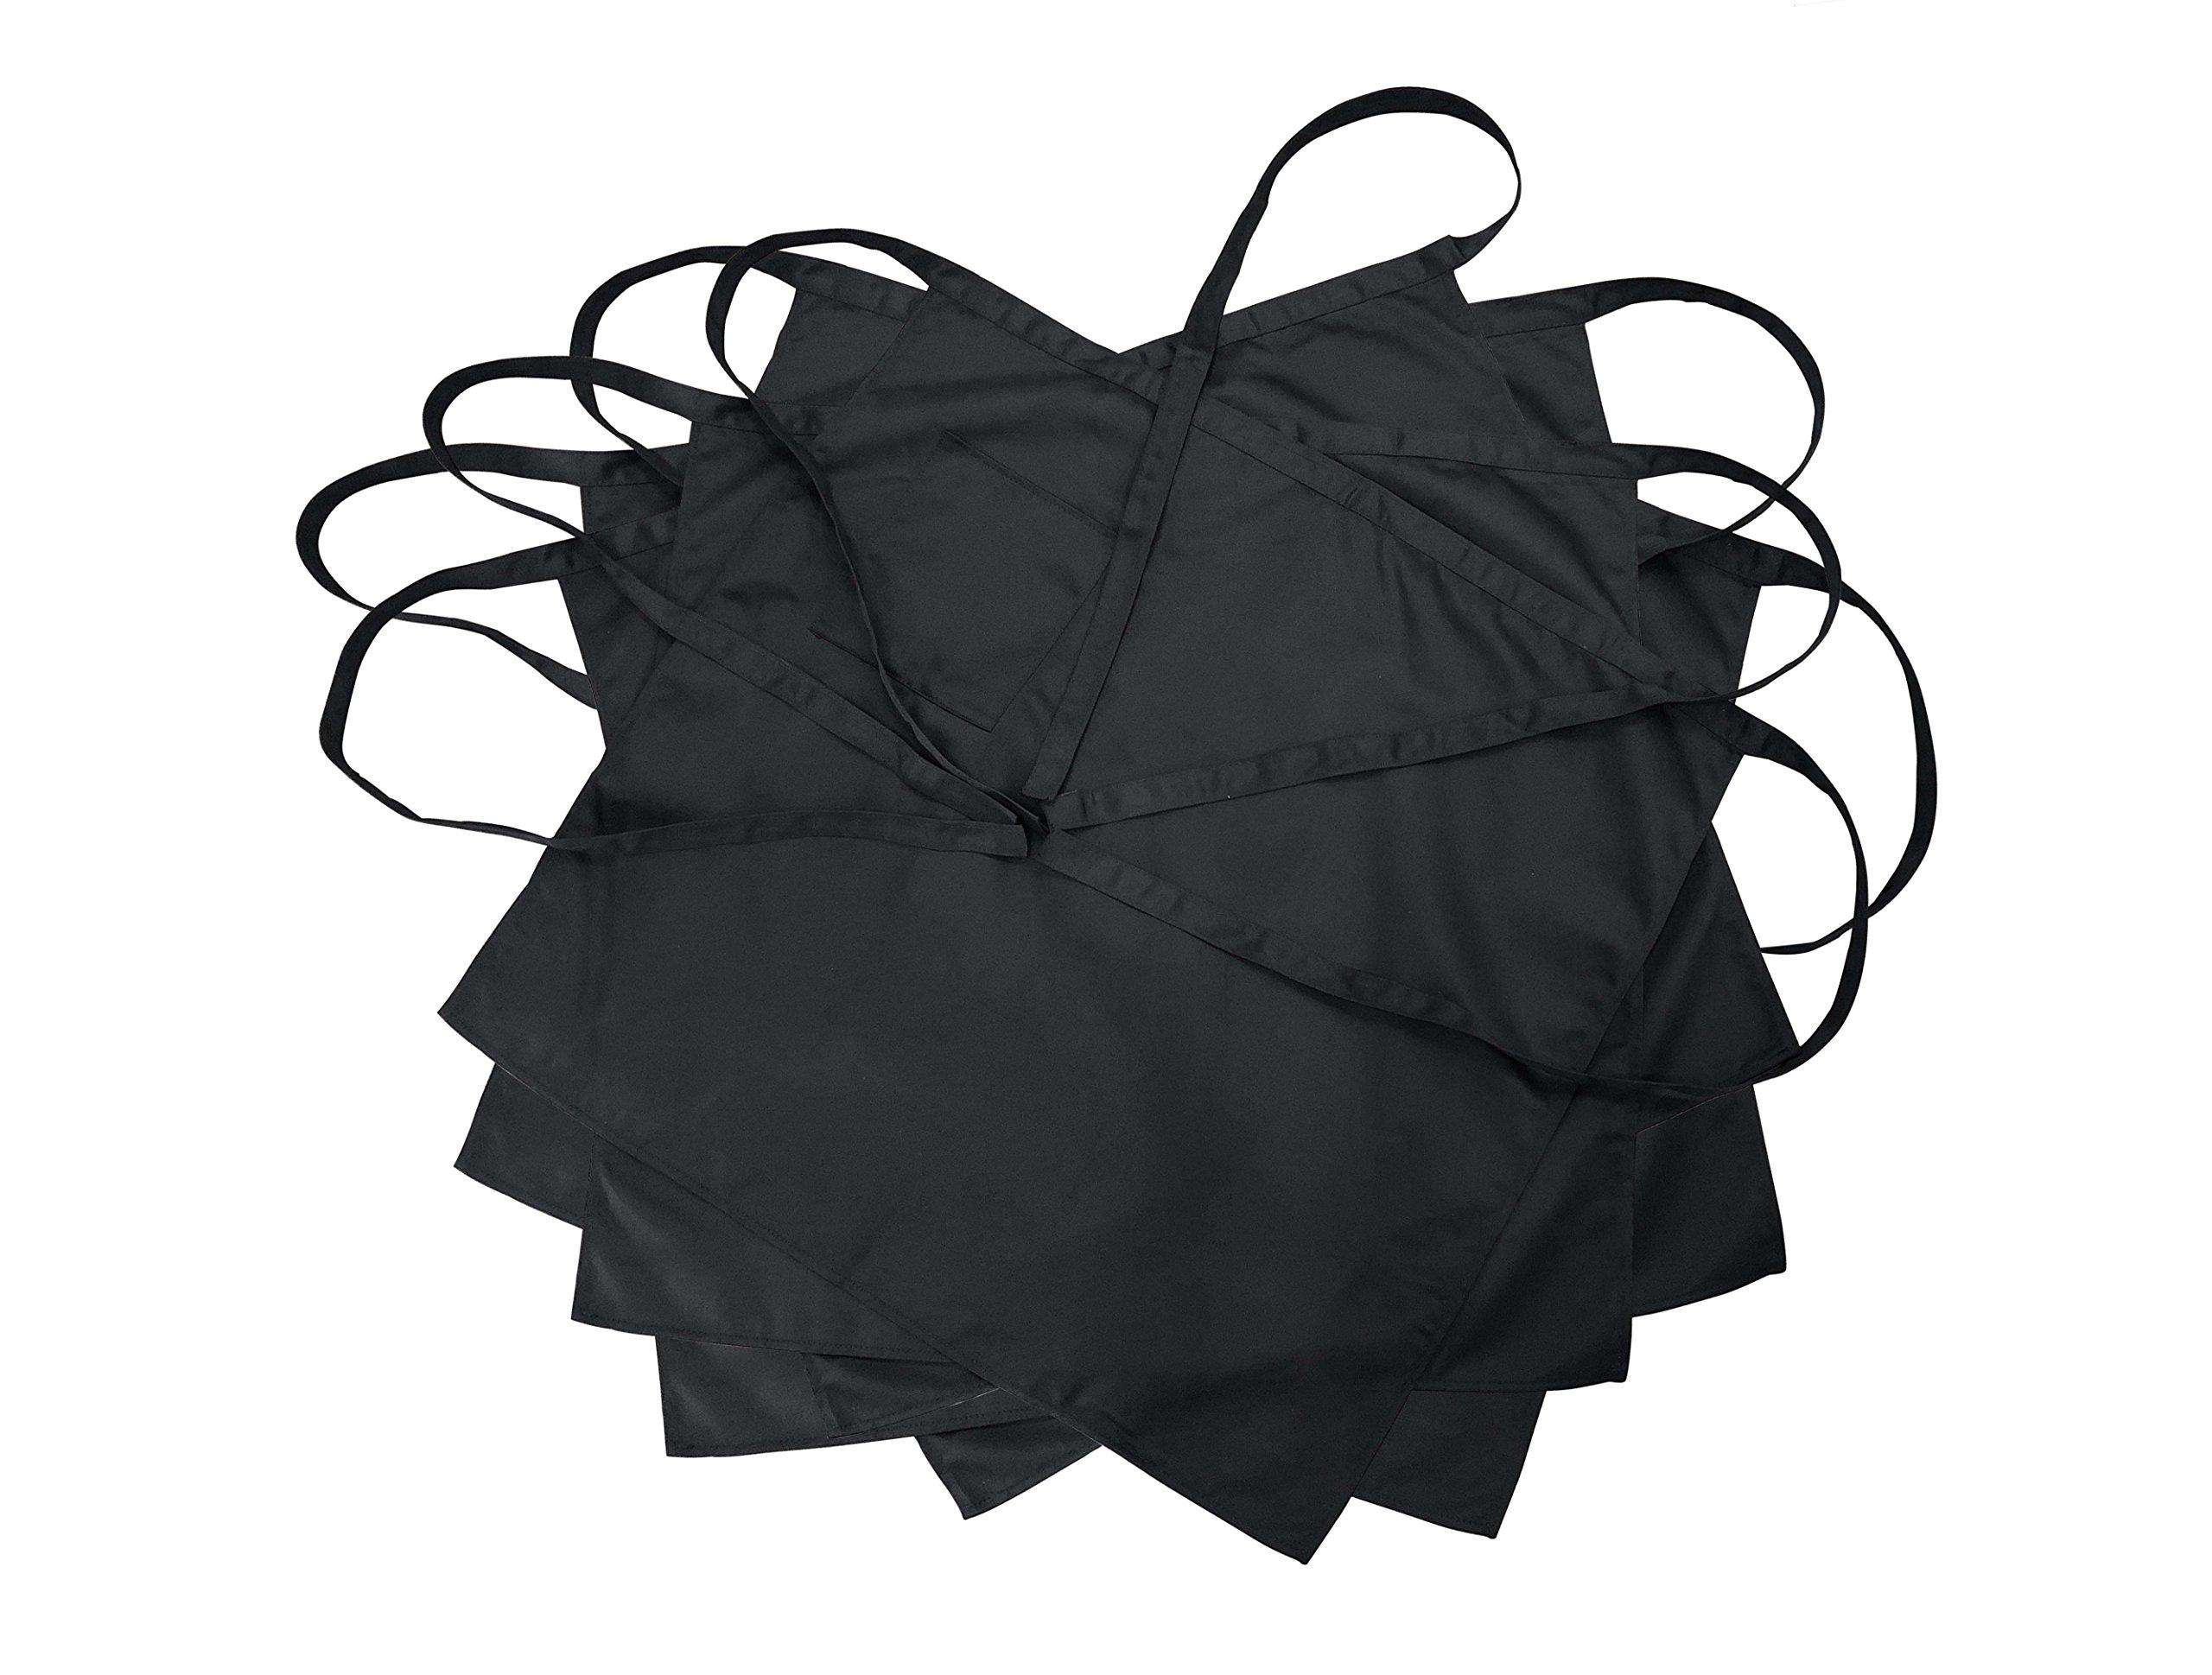 Nanxson 5pcs Men's Chef Black Unisex Half Long Solid Color Bistro Apron AL8024- (5pcsblack, one size)